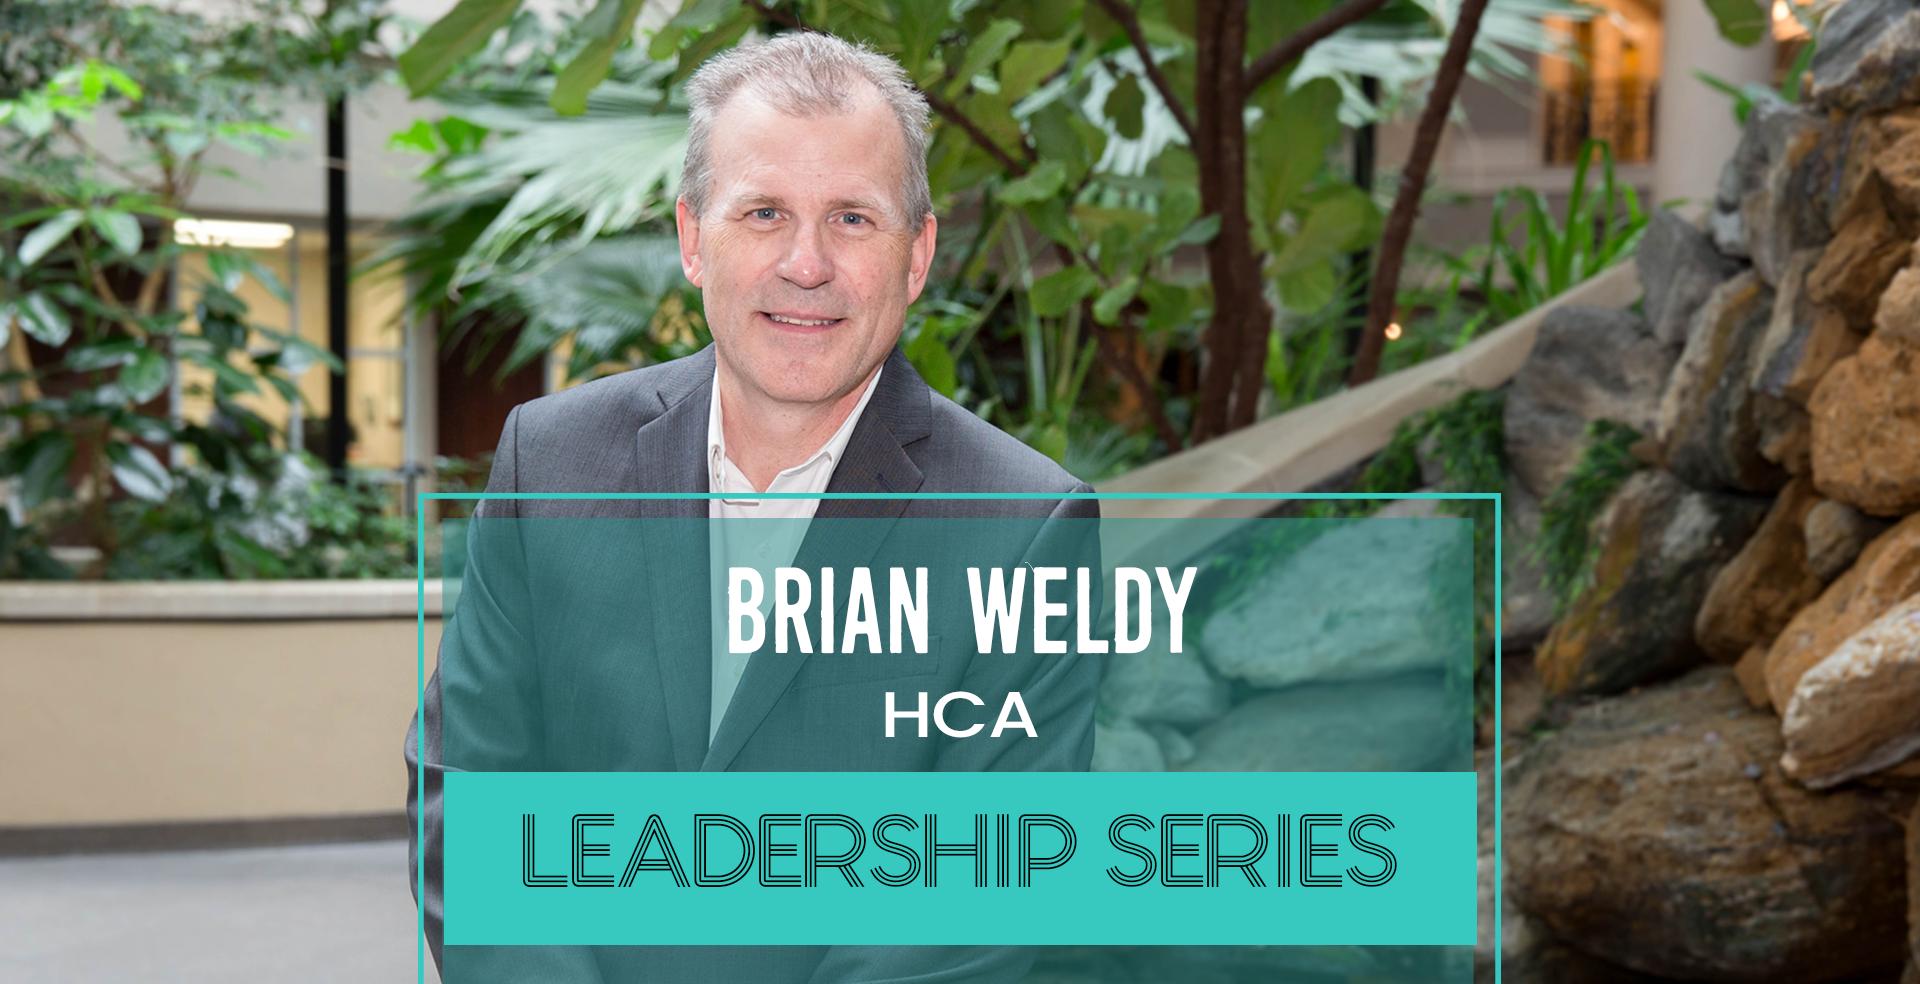 Brian-Weldy-HealthSpaces